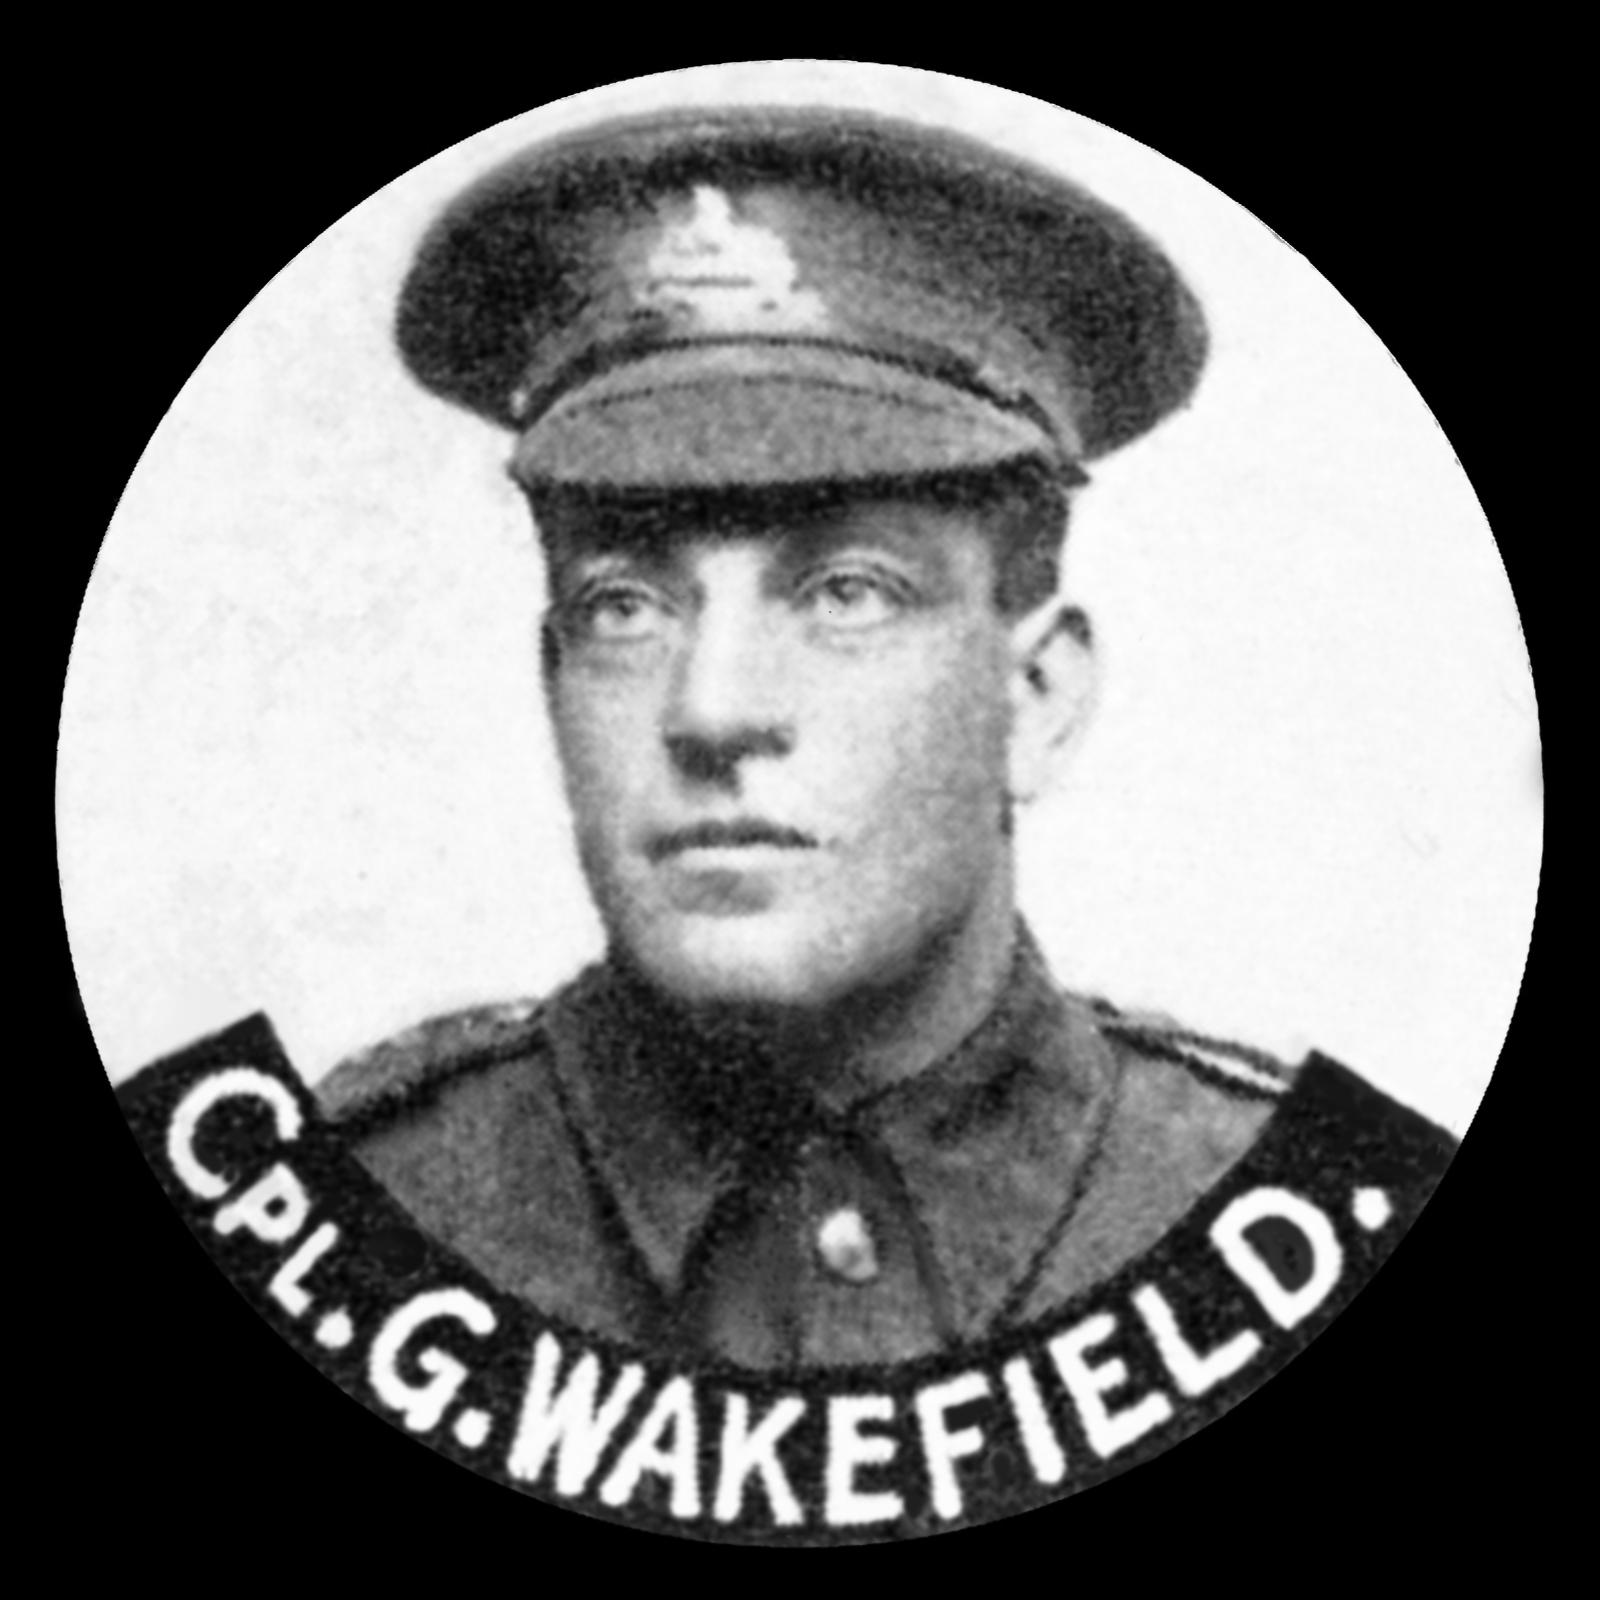 WAKEFIELD George